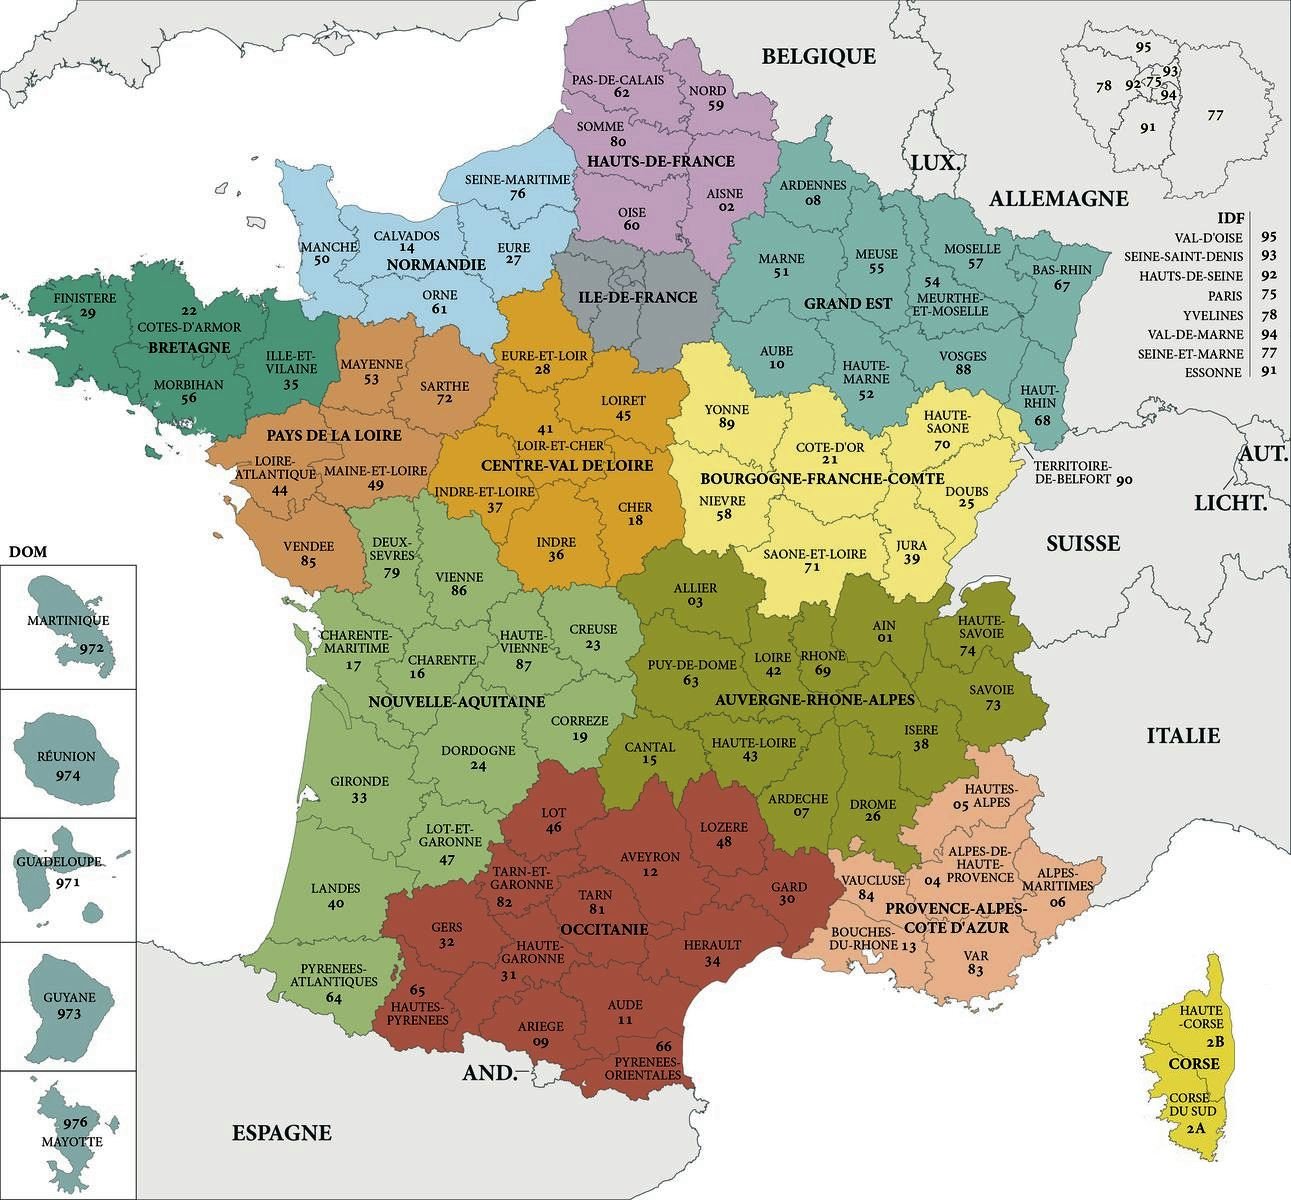 Carte De France Departements : Carte Des Départements De France dedans Carte France Avec Departement